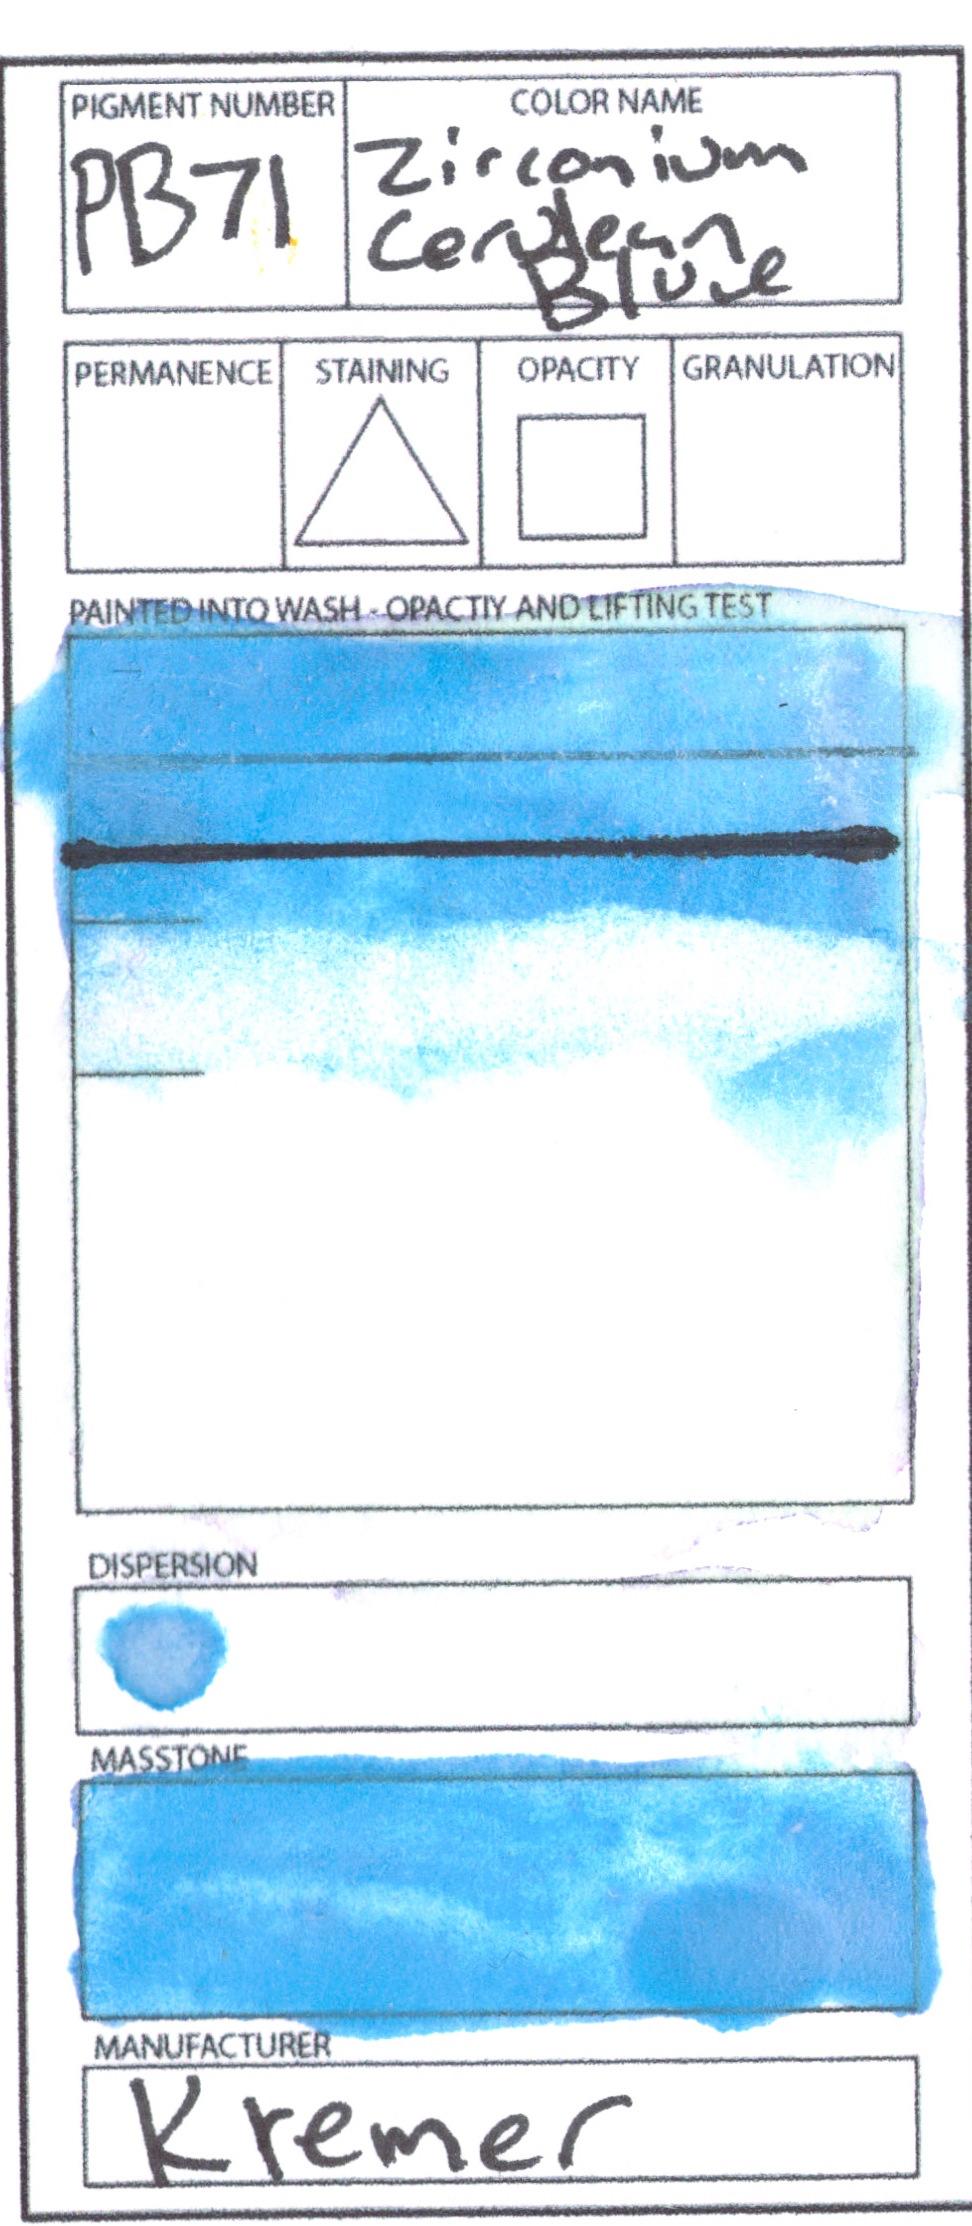 zirconium cerulean